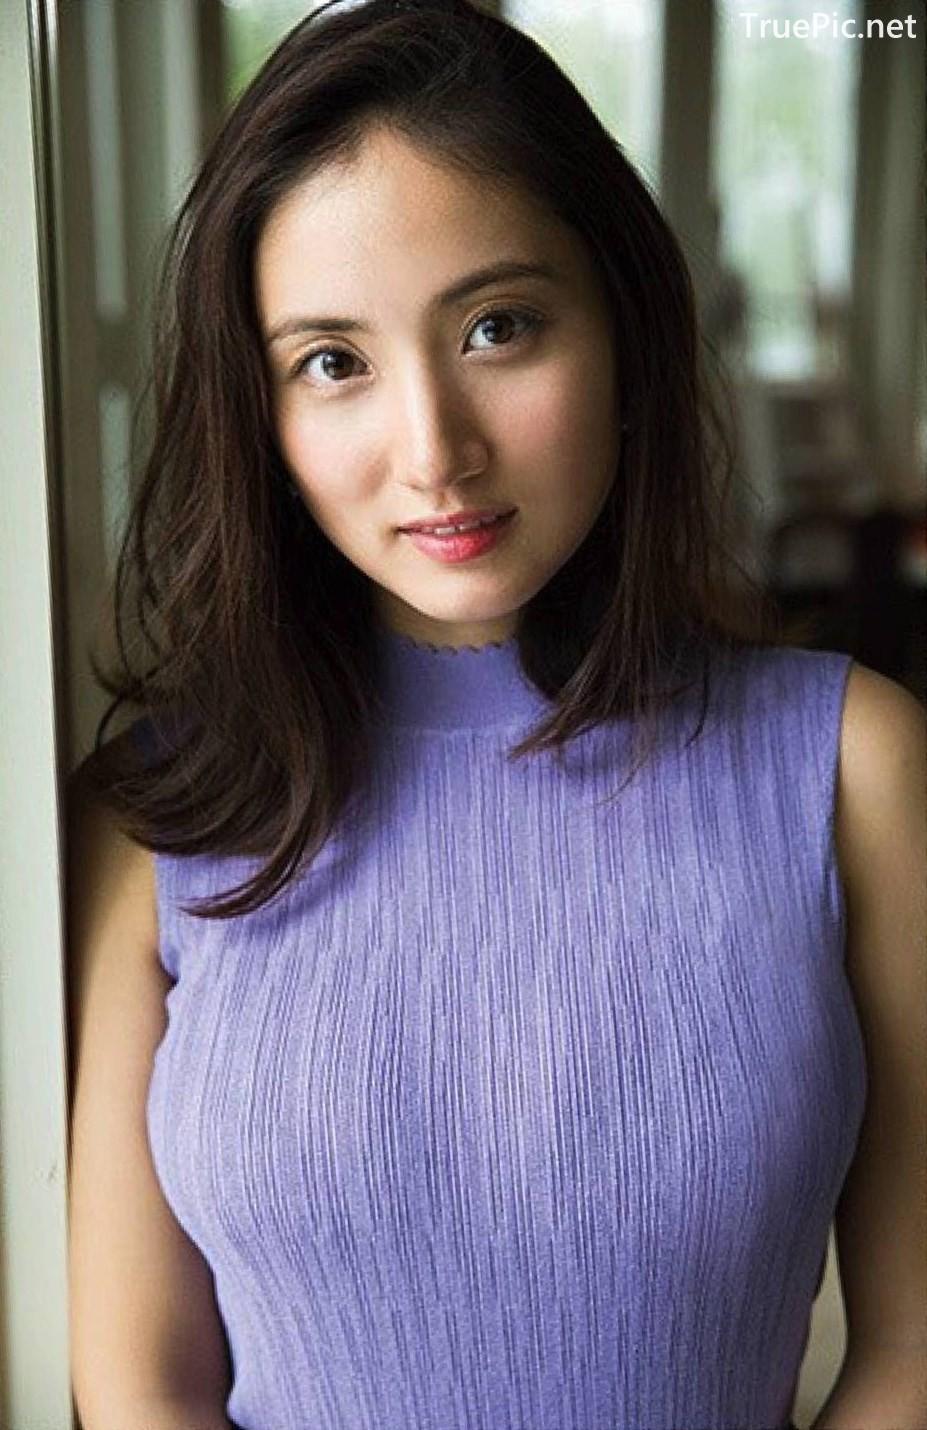 Image Japanese Gravure Idol - Irie Saaya - Weekly Taishu 2019.12 - TruePic.net - Picture-13